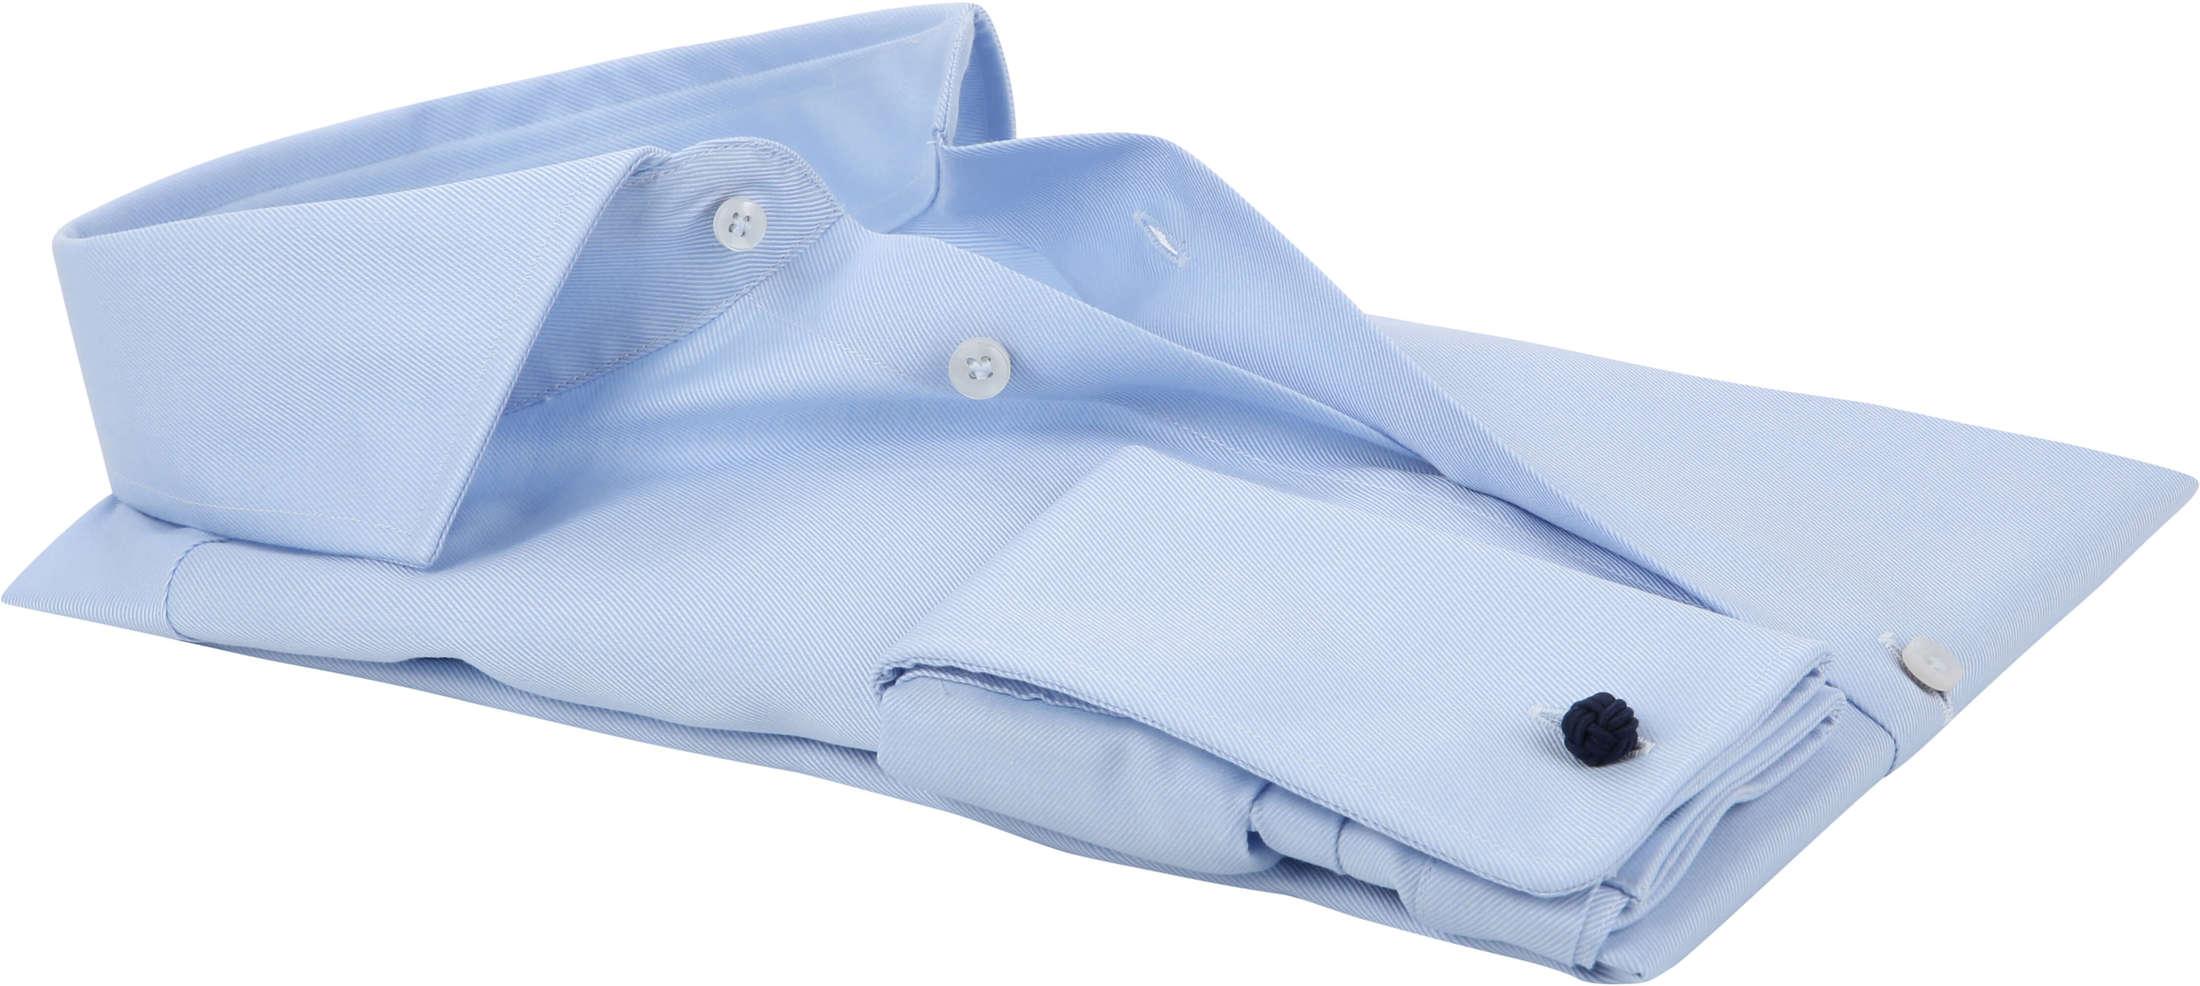 Profuomo Hemd Cutaway Doppel Manschette Blau